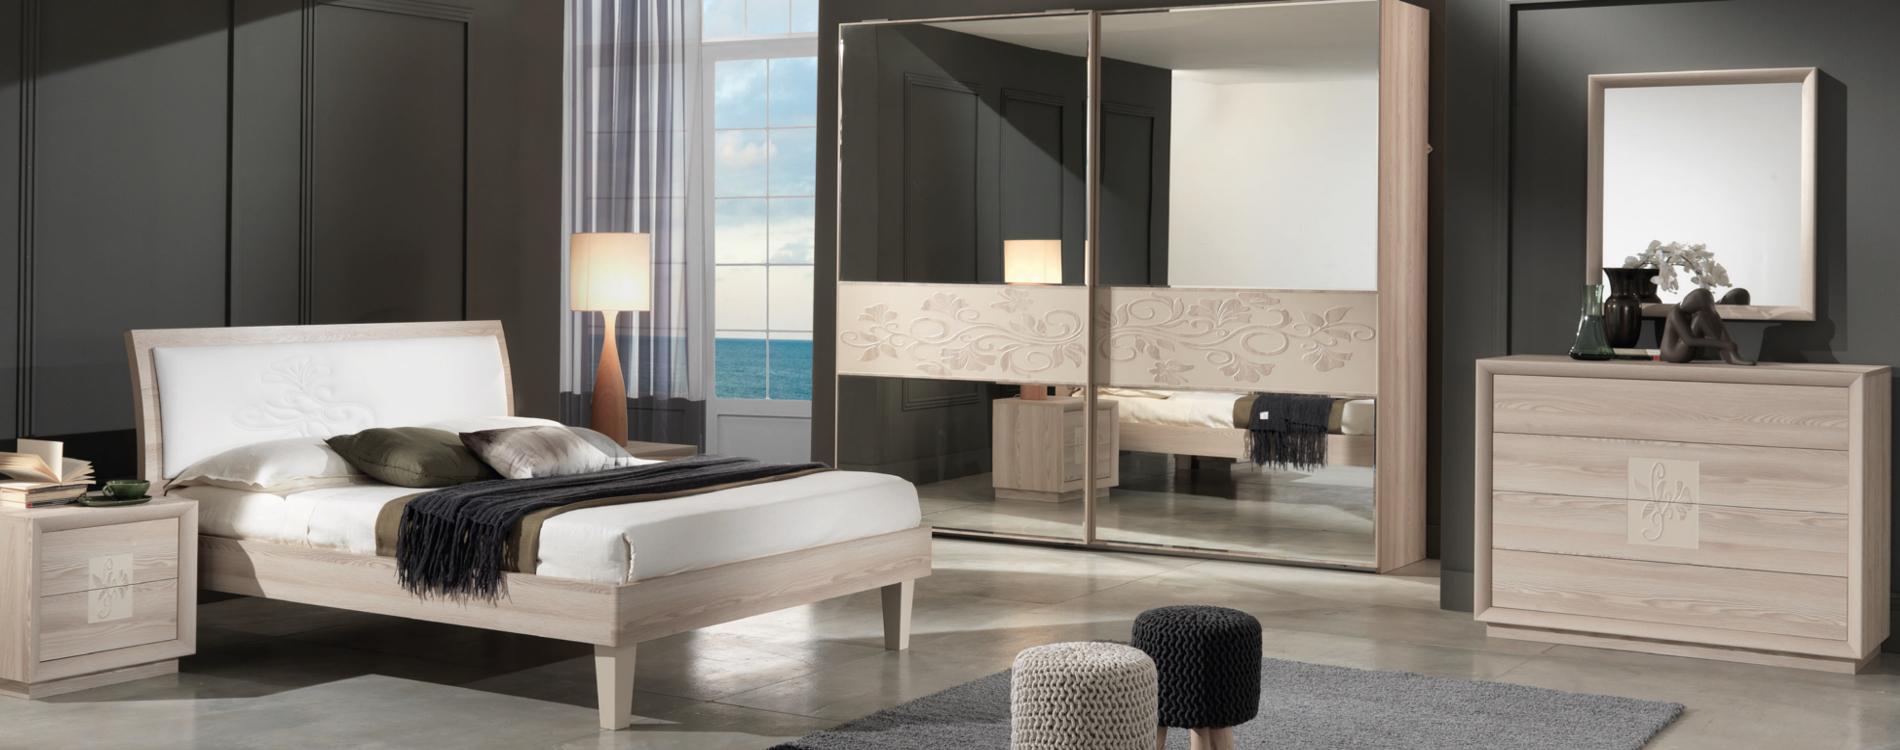 Camera da letto saber napoli - Arredamenti moderni camere da letto ...